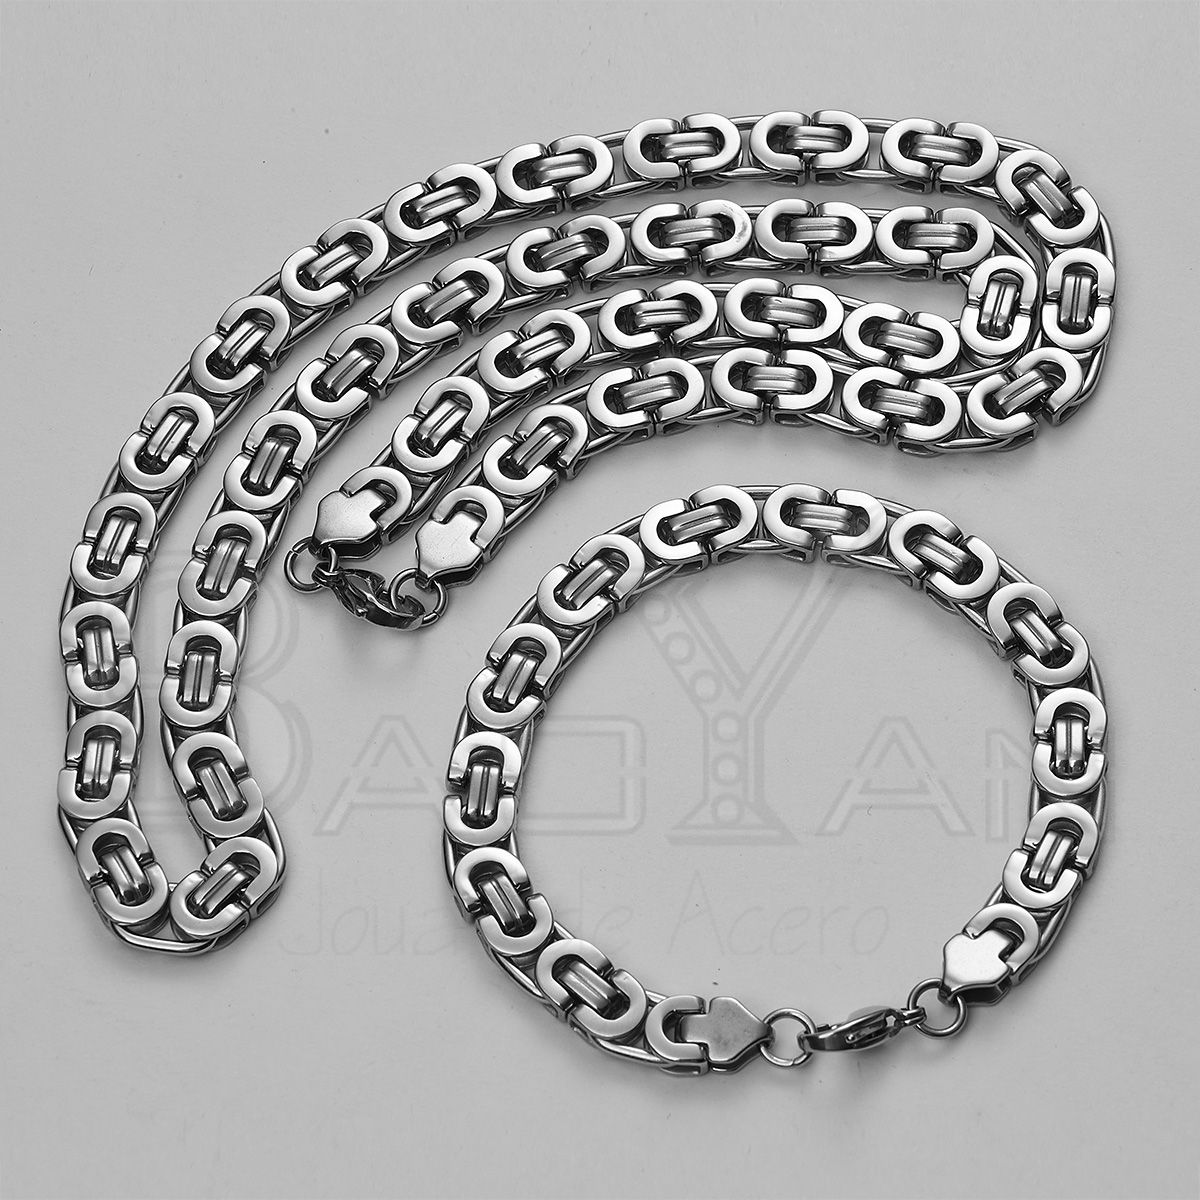 4f32b1f8c753 plateadas joyas de acero inoxidable cadenas y pulseras juegos para hombre  Collar Hombre